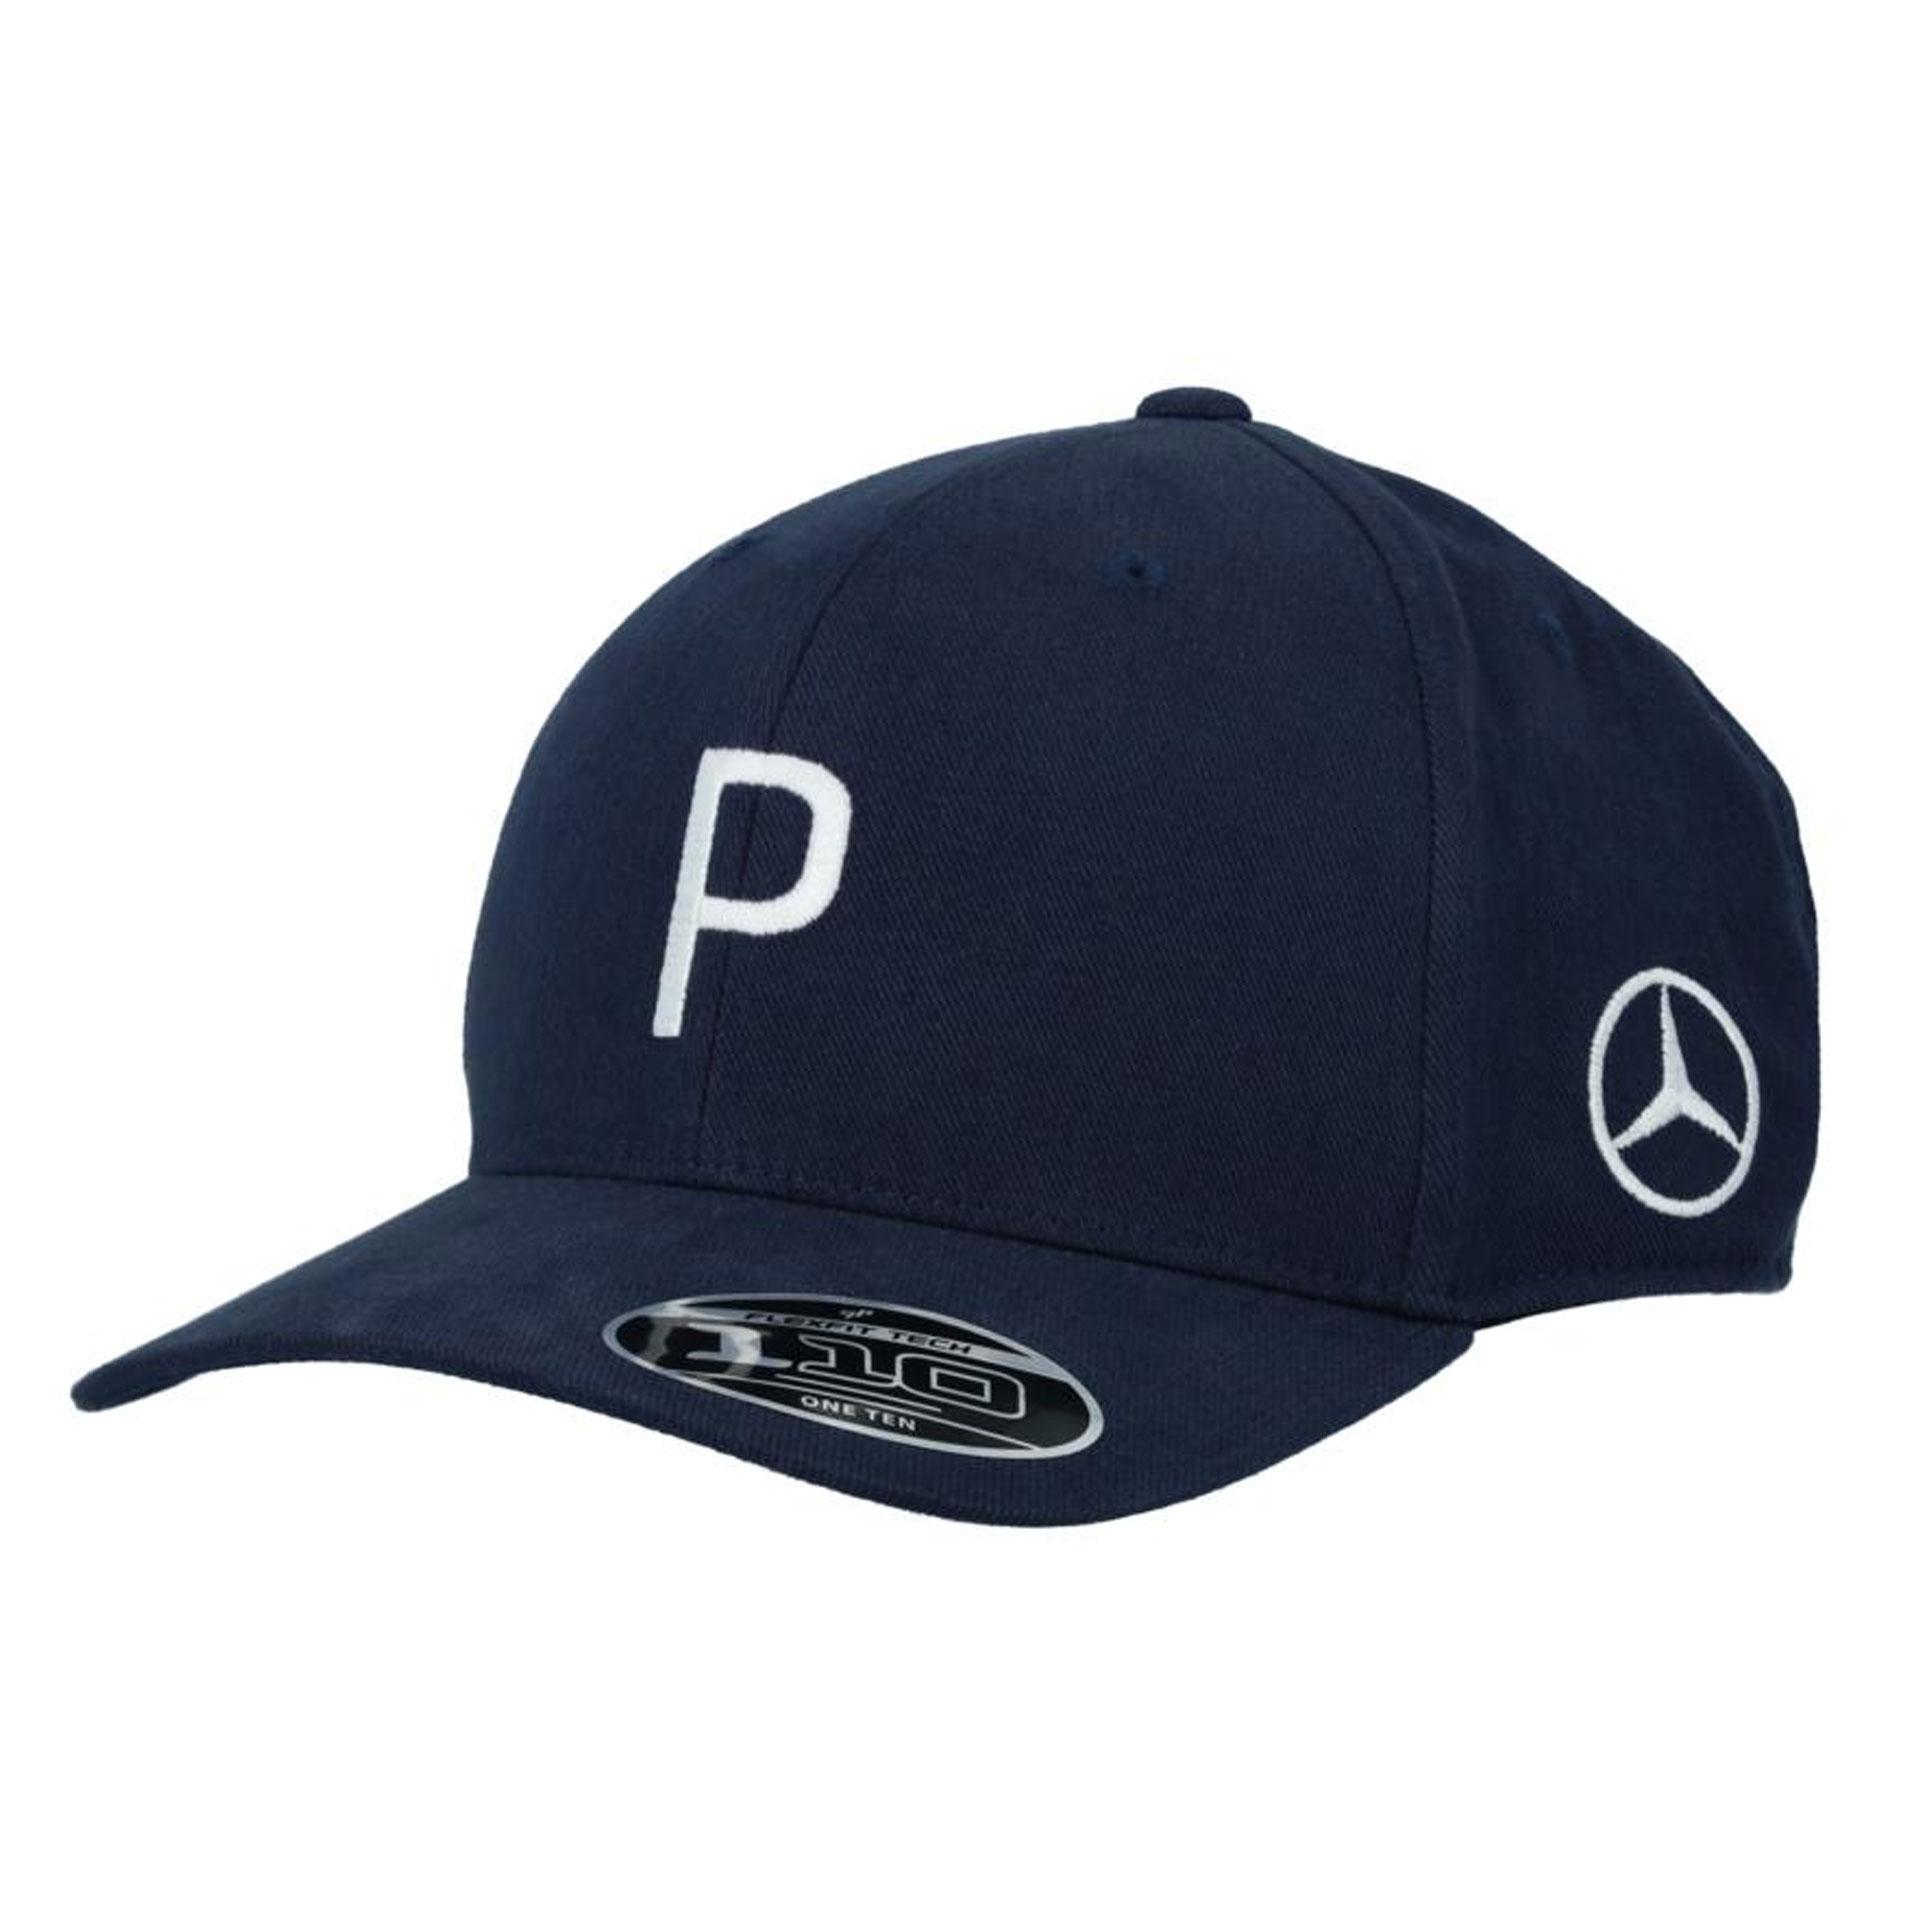 Mercedes-Benz Golf-Cap blau Basecap Kappe by PUMA